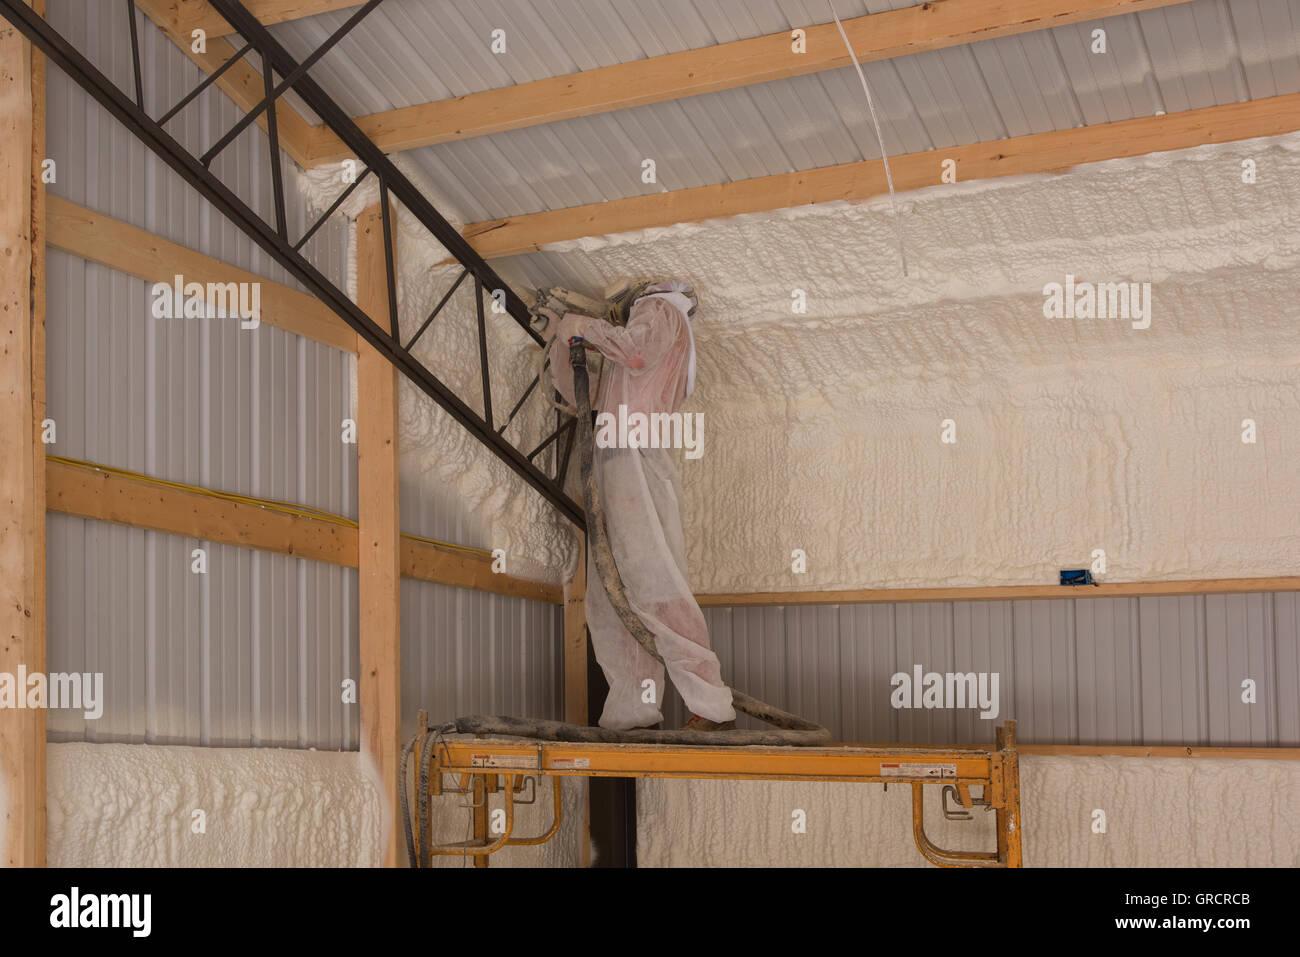 Un tecnico si applica schiuma a celle aperte in isolamento per una struttura di interni per il controllo del suono Immagini Stock